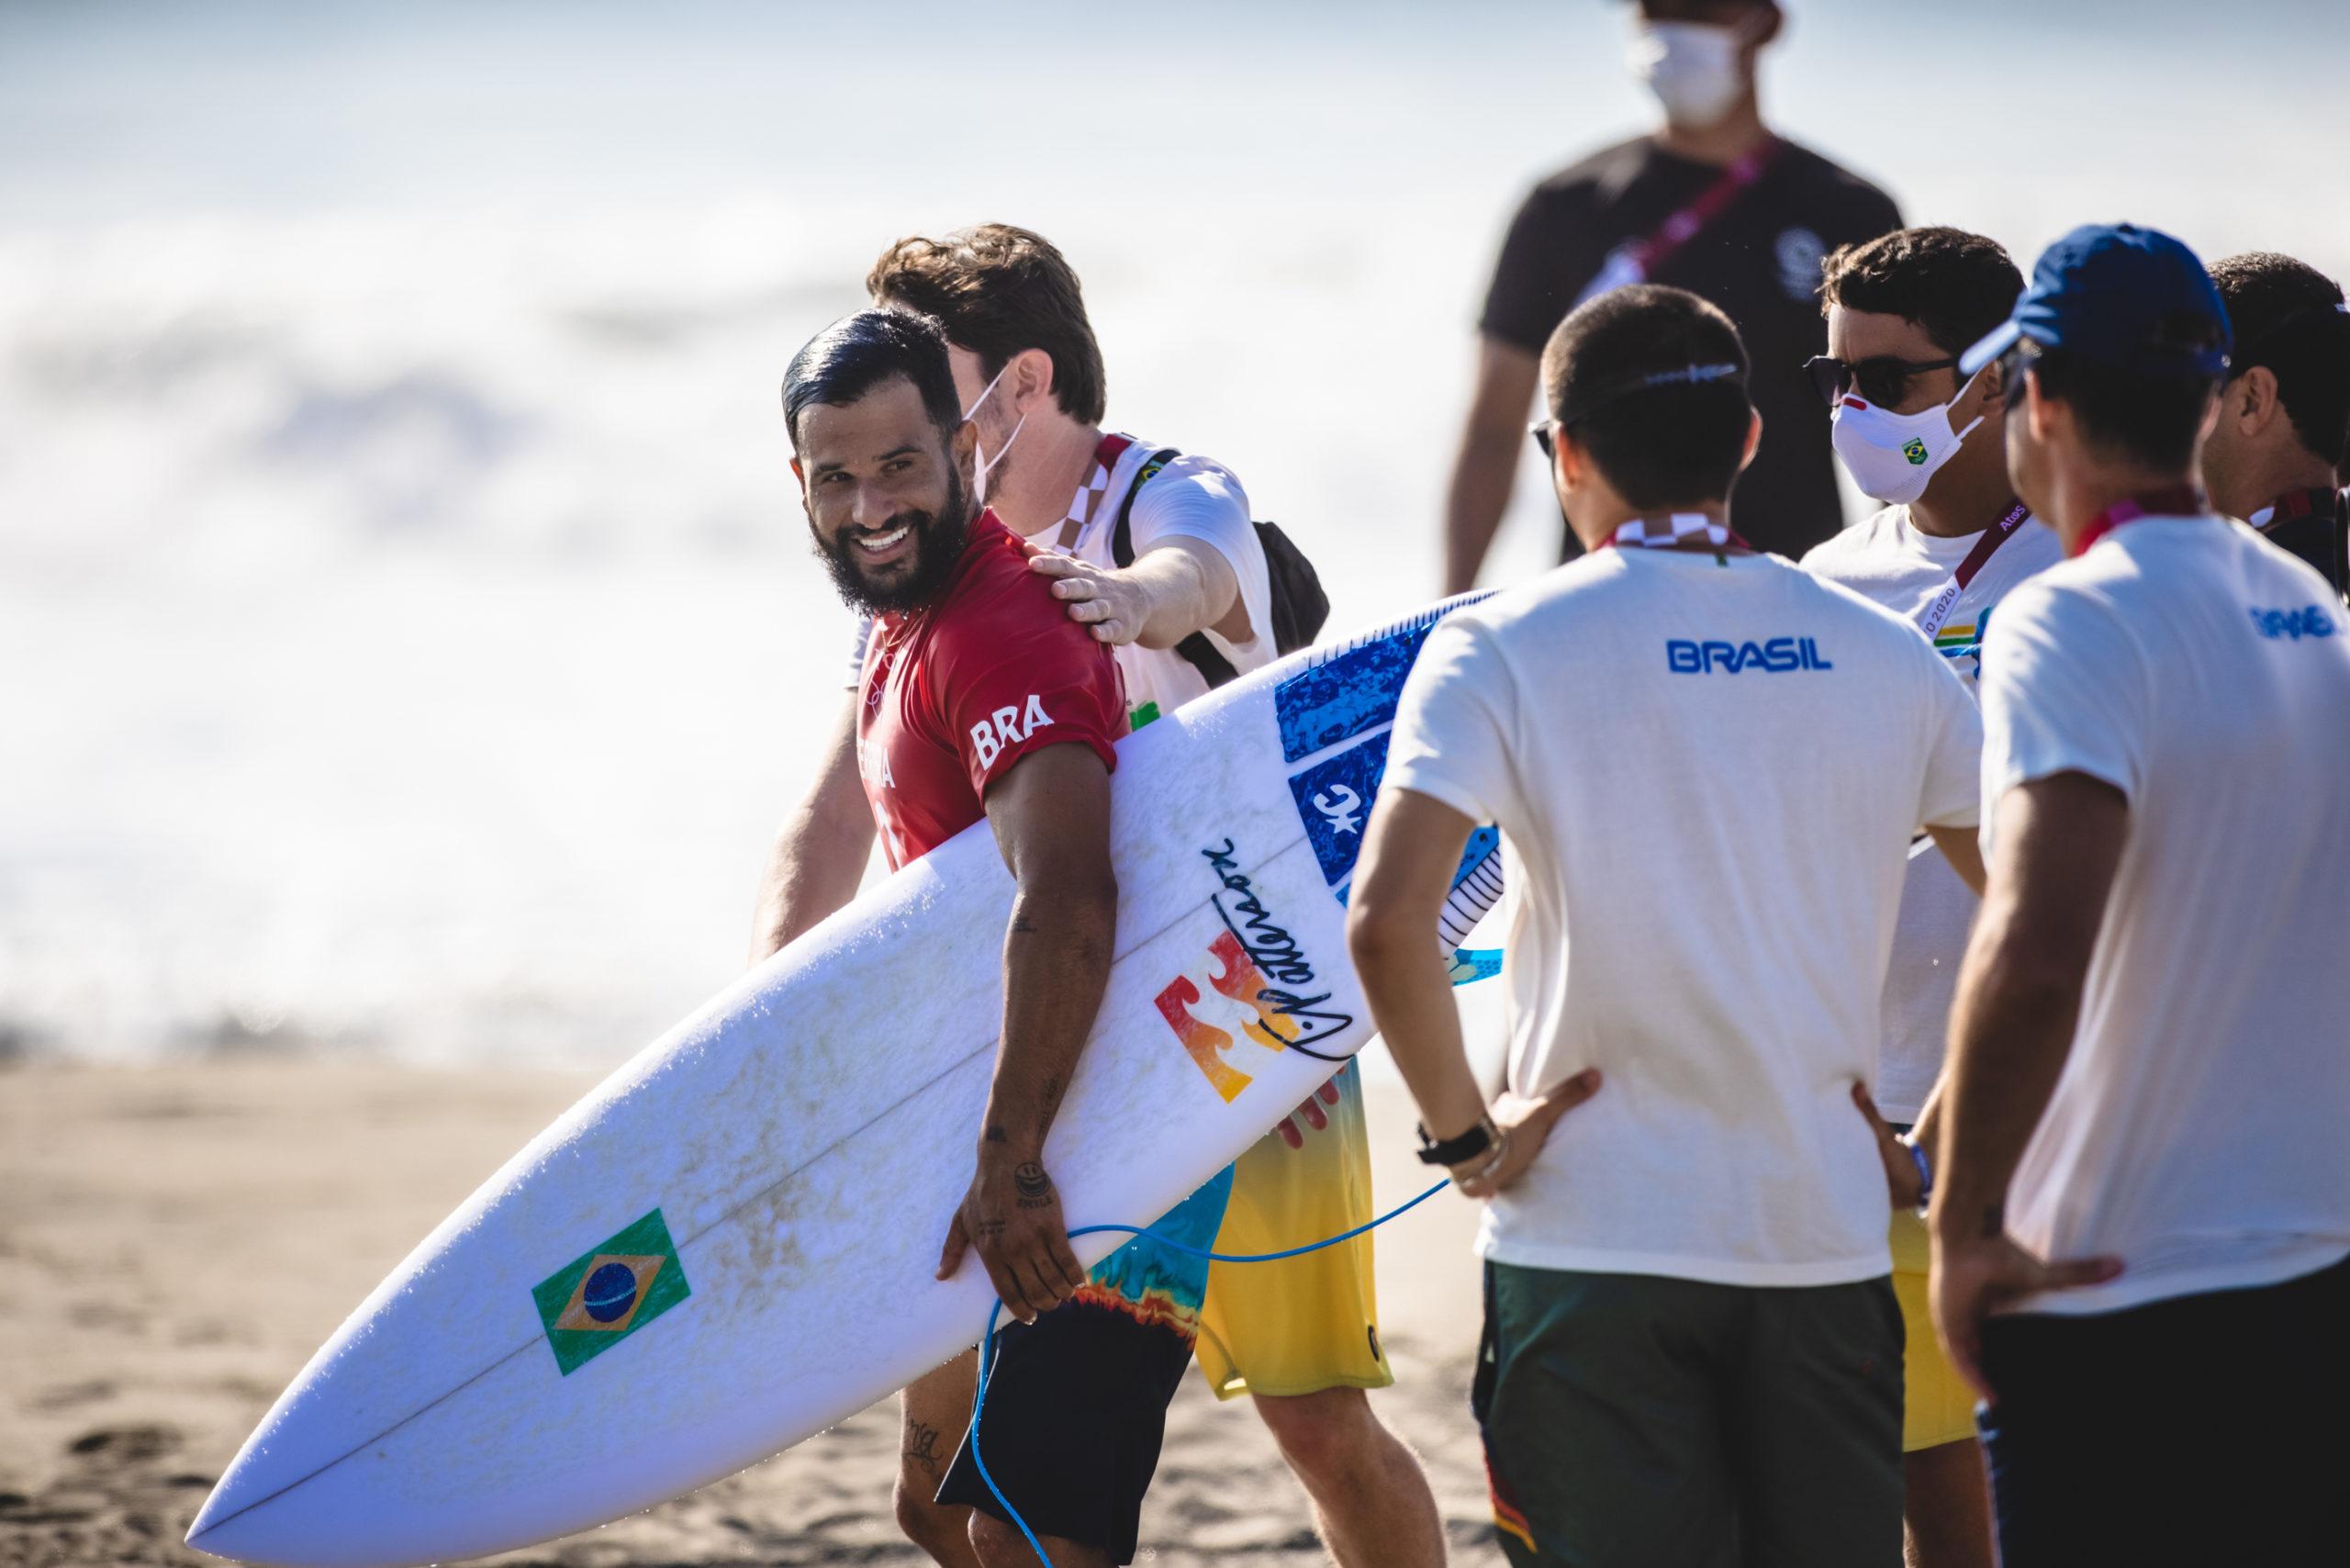 Italo e Medina estão classificados para próxima fase nas Olimpíadas